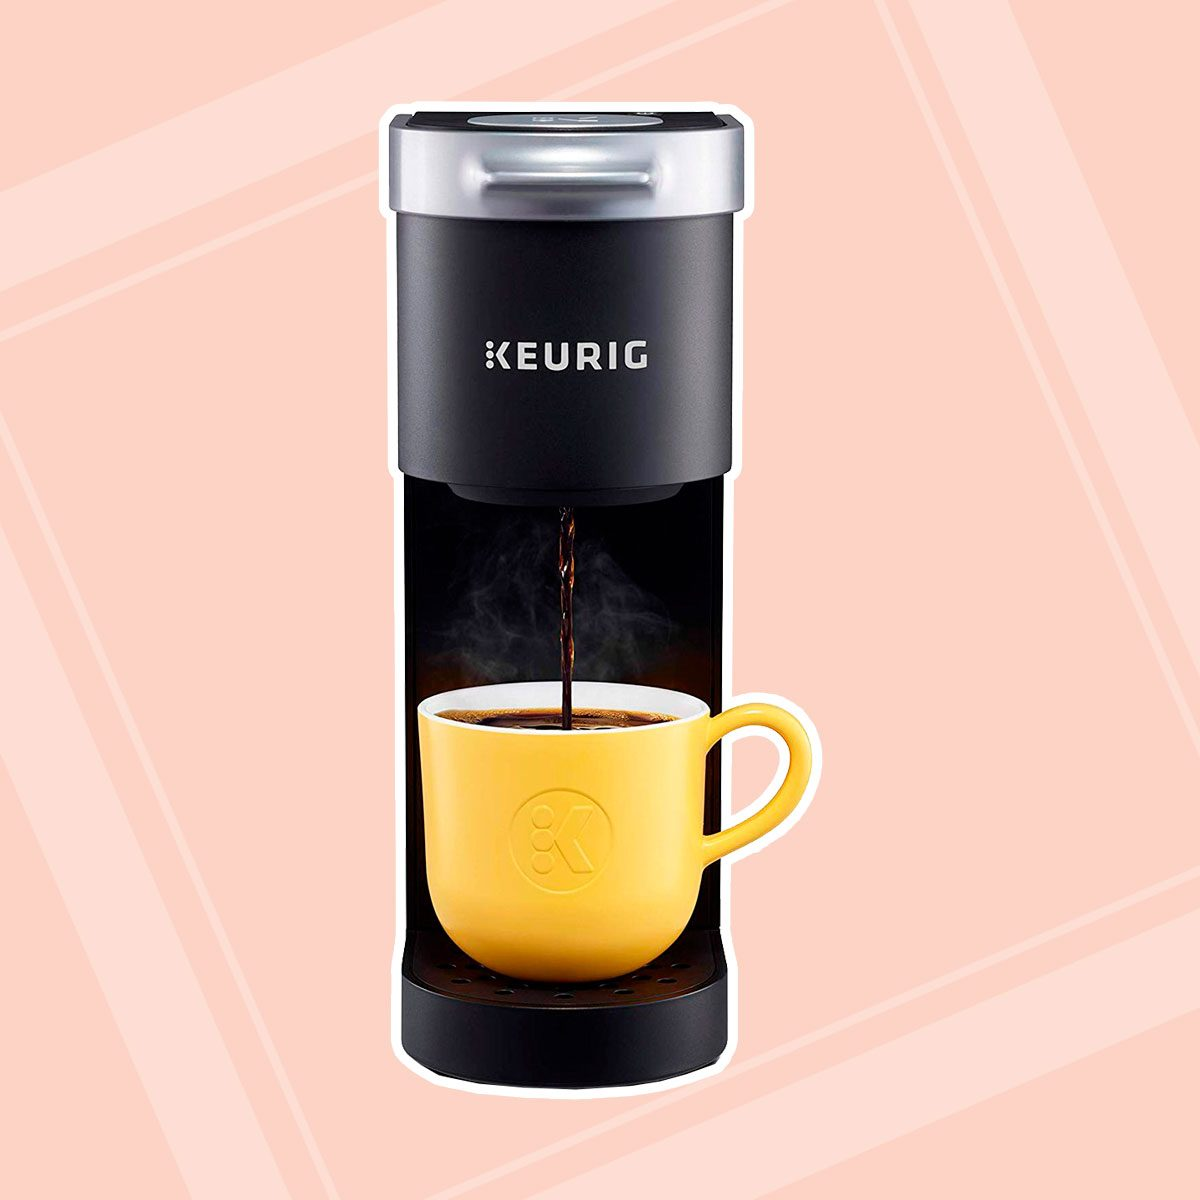 Keurig Single-Serve Coffee Maker